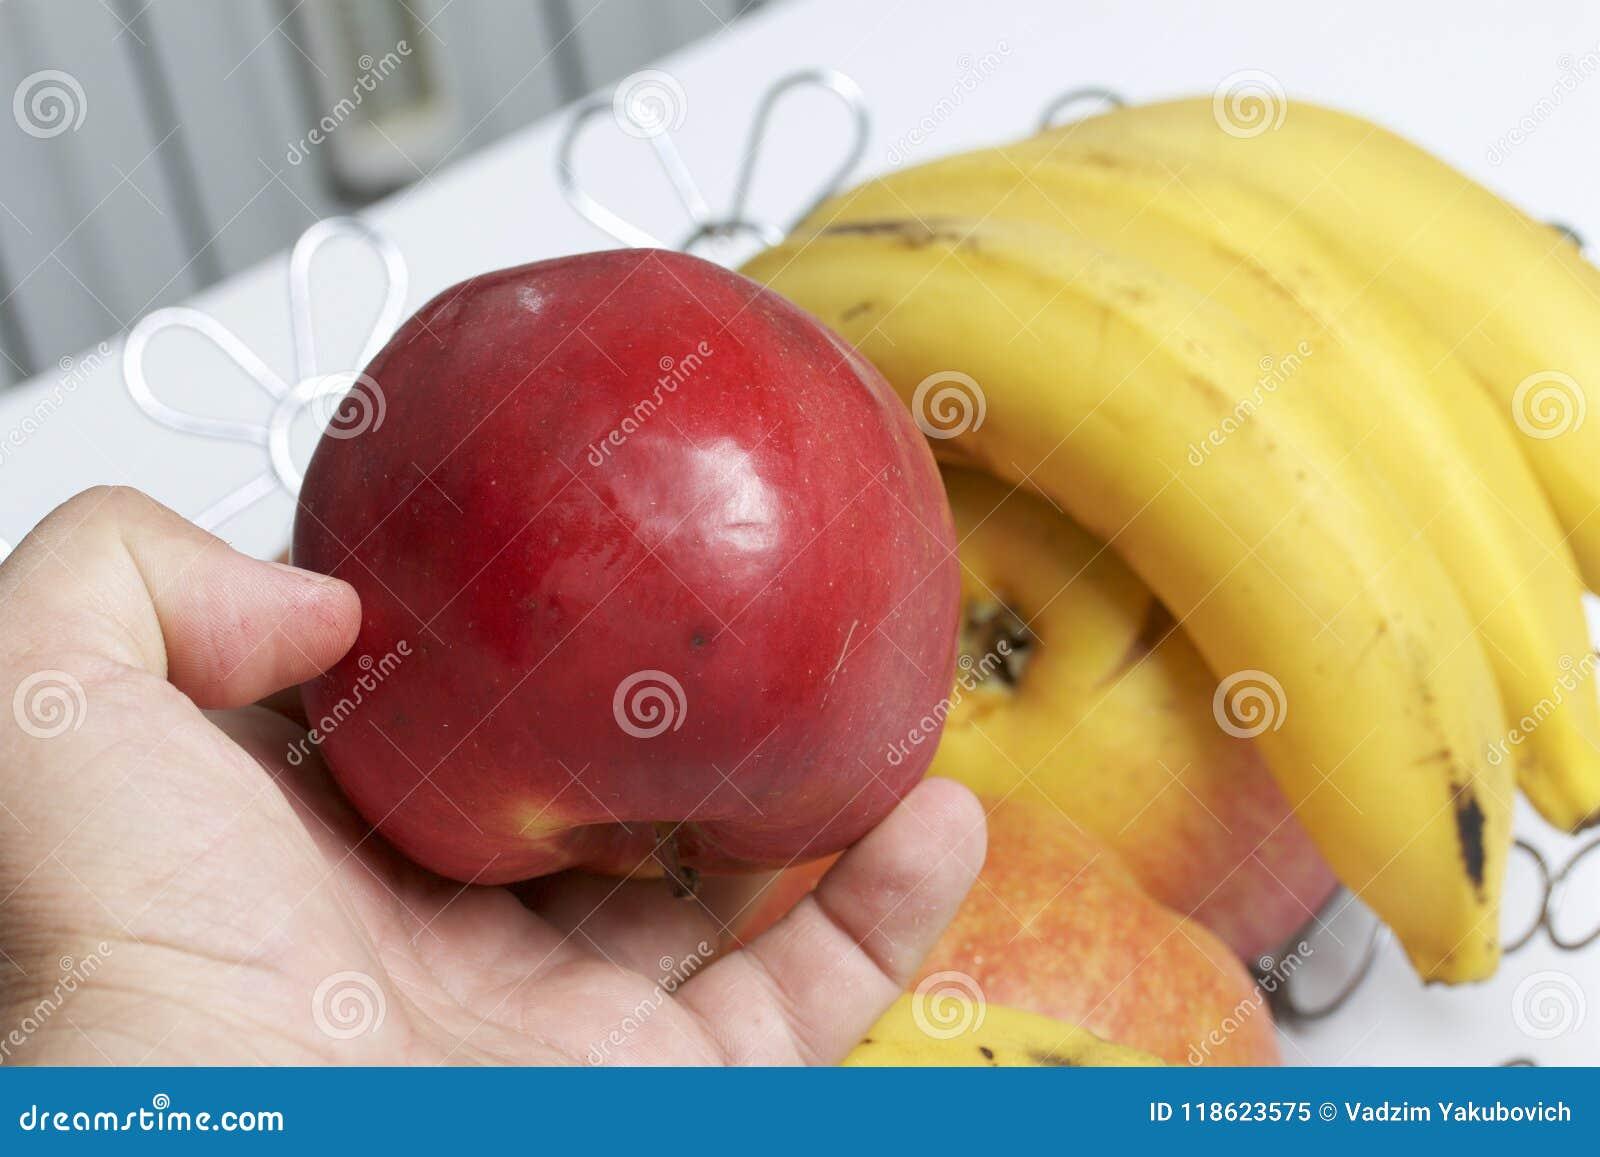 Το άτομο κρατά ένα κόκκινο μήλο στο χέρι του Υπάρχει ένα καλάθι φρούτων στο υπόβαθρο Διάφορες μήλα και μπανάνες